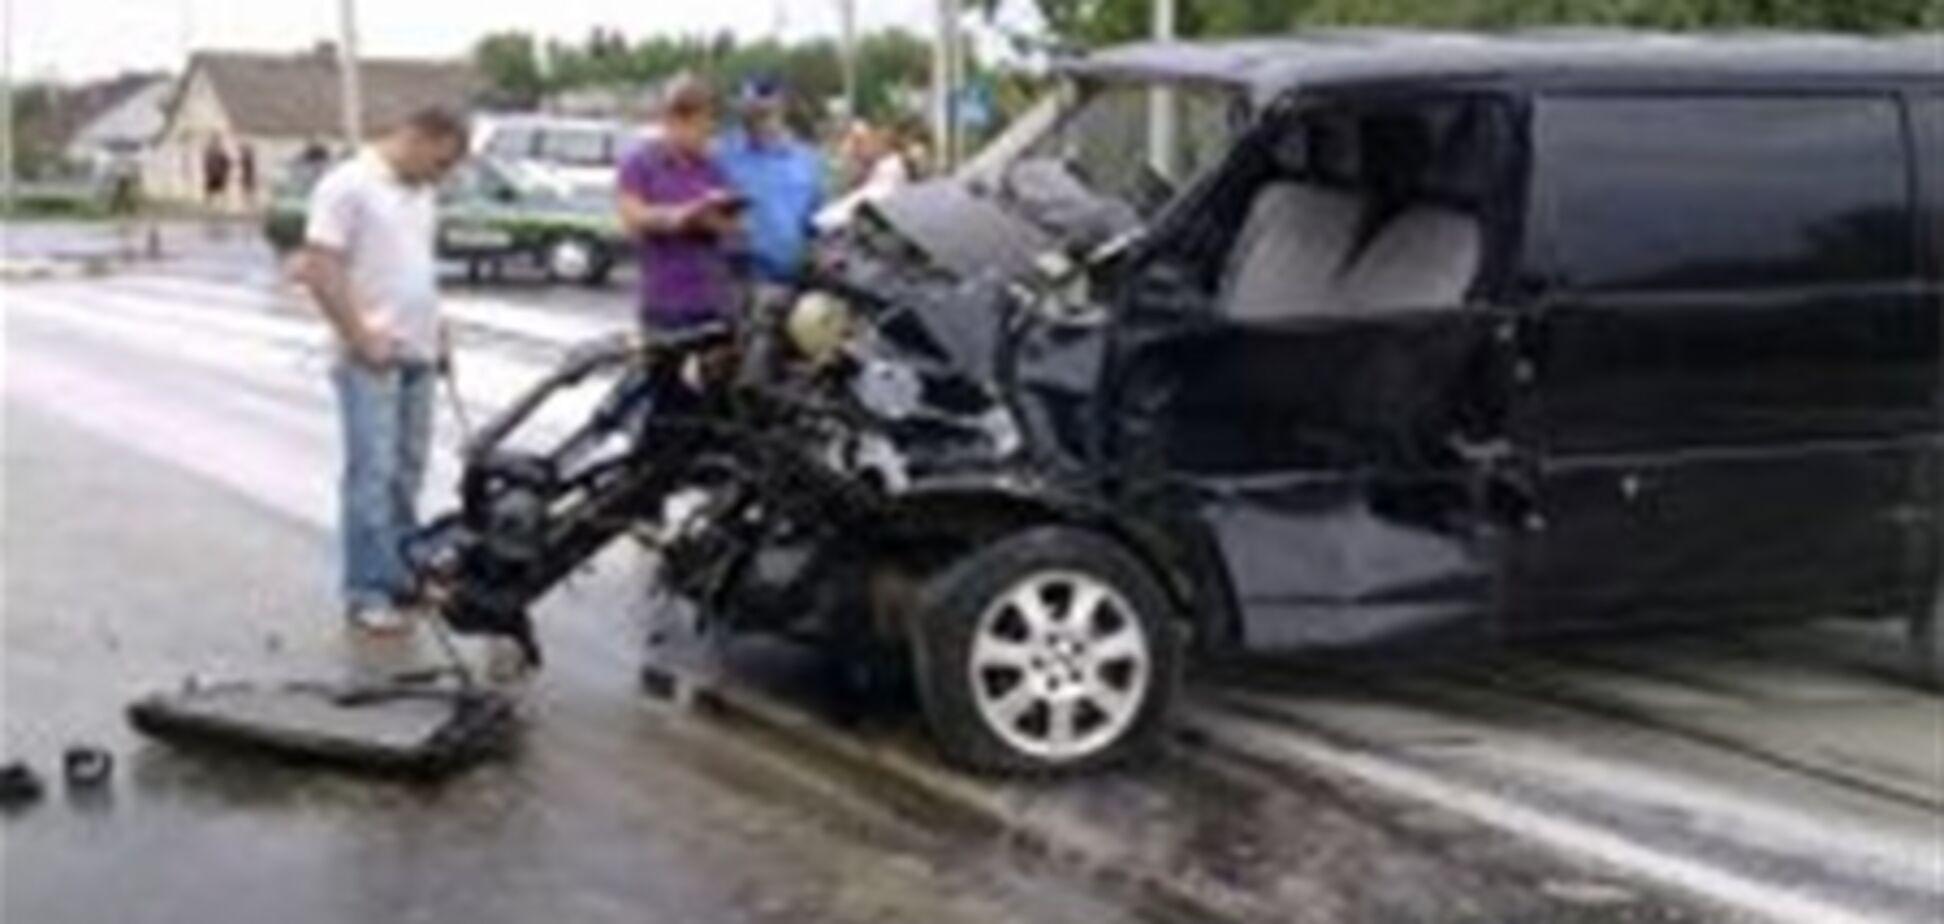 После столкновения с фурой водитель Volkswagen вылетел из машины